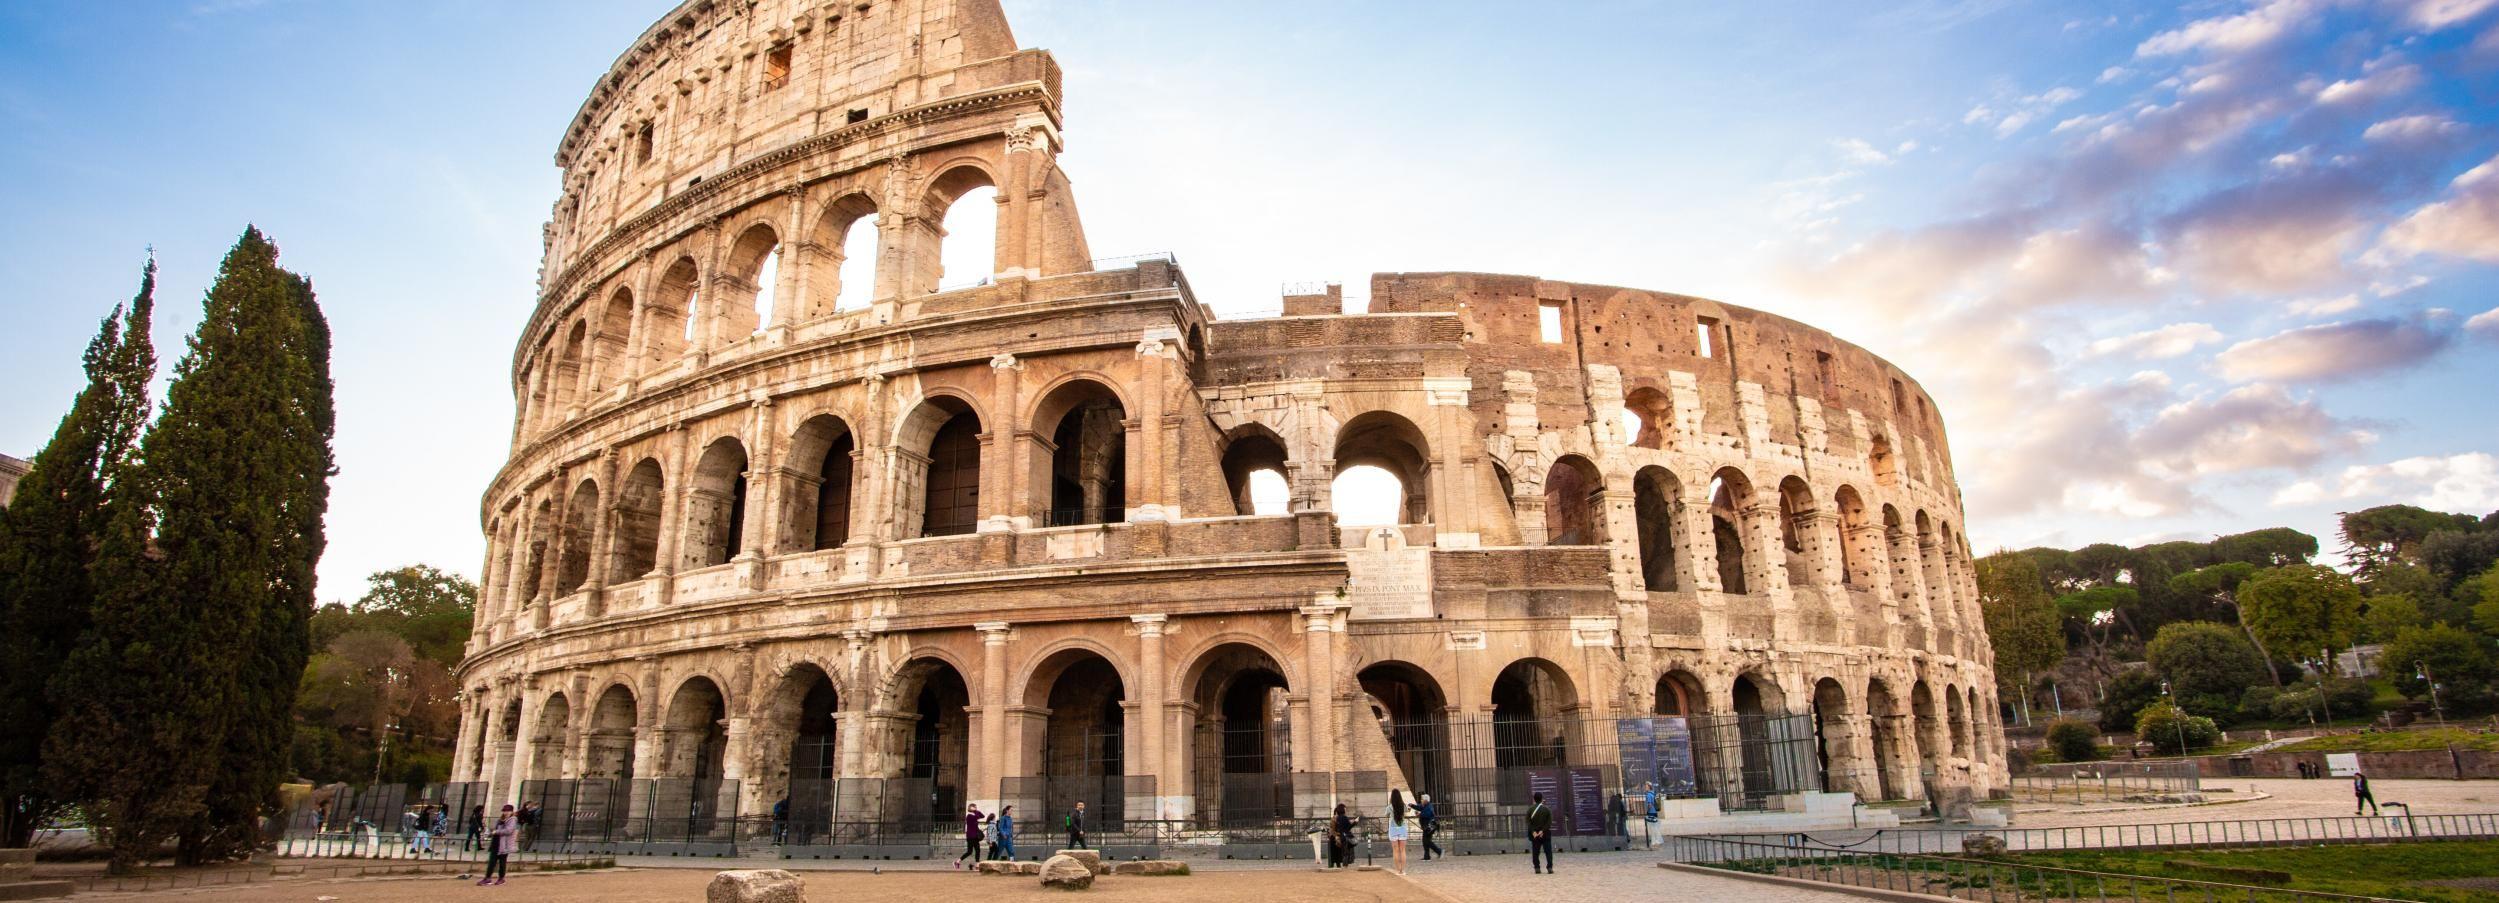 Roma: salta la fila al Colosseo, al Foro e al Colle Palatino